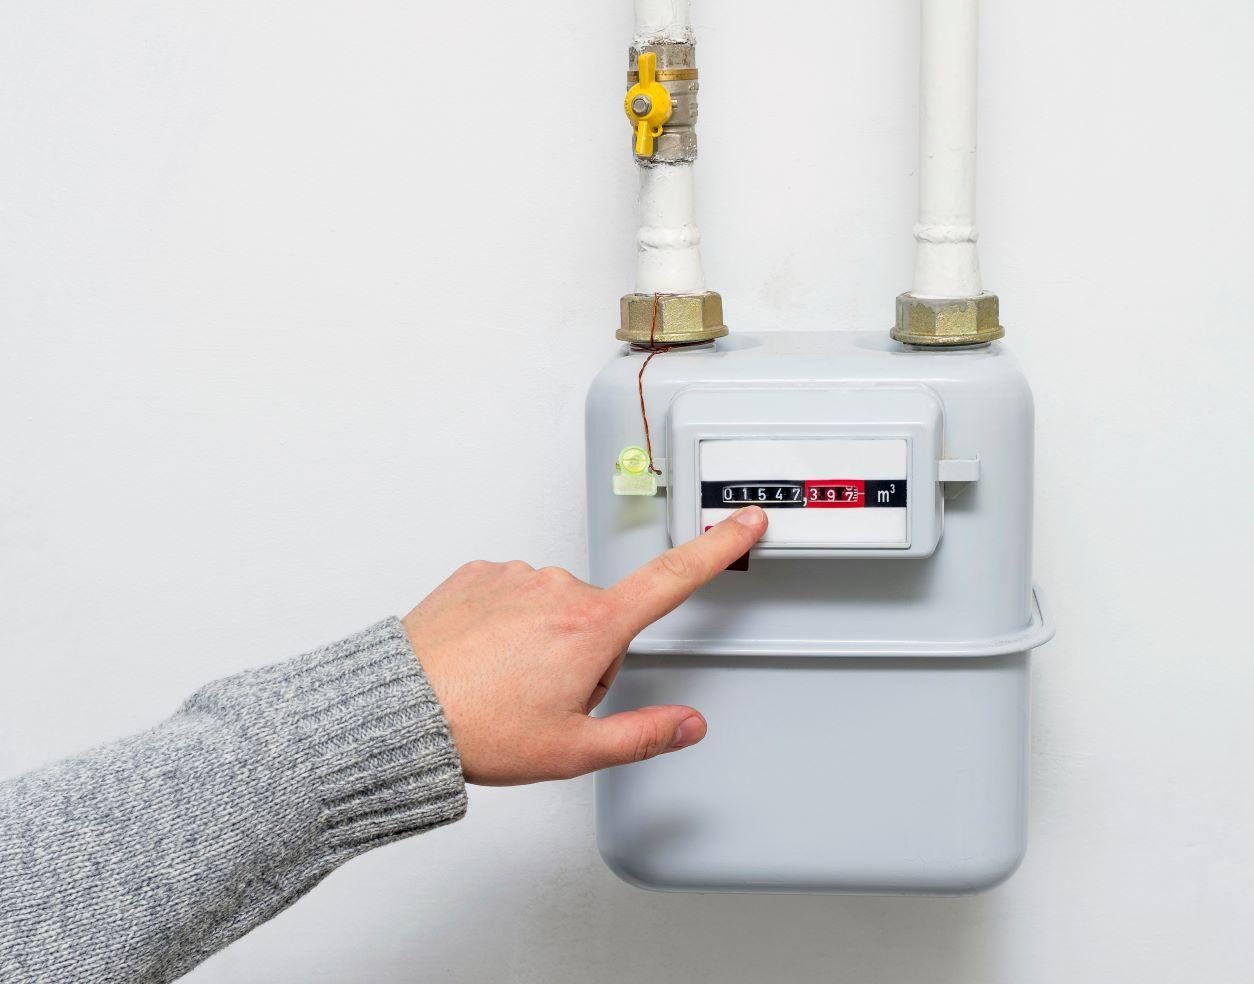 Descubre cómo dar la lectura del contador de gas natural